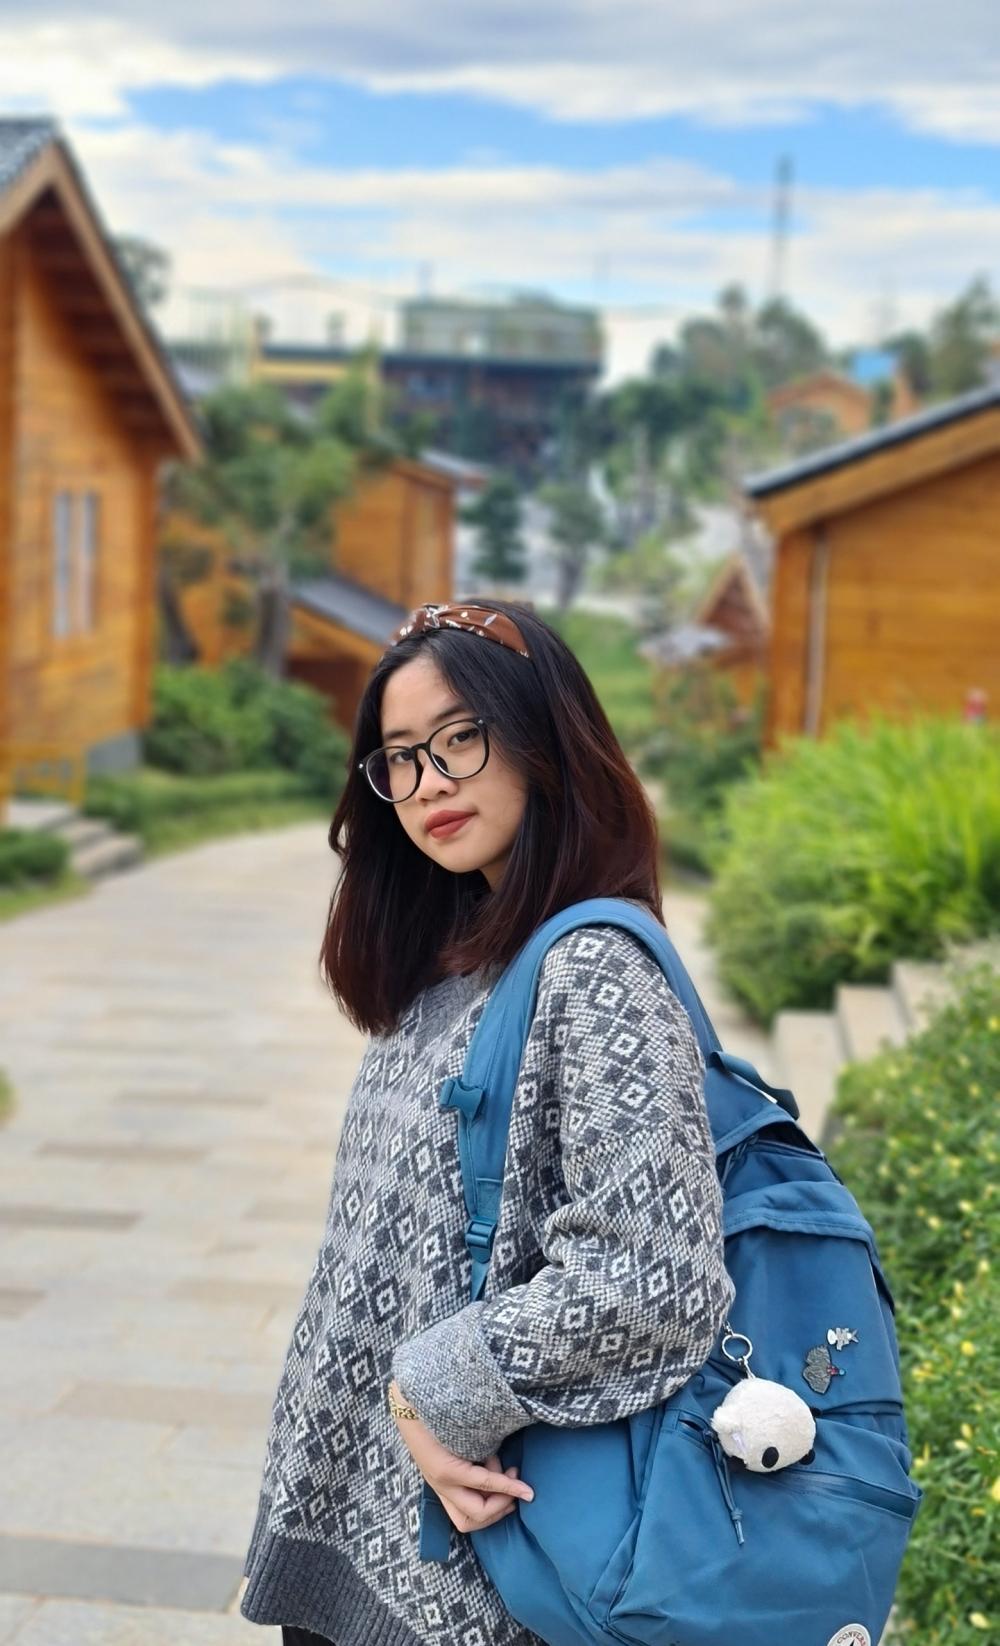 Nghiêm Quỳnh Du, học sinh lớp 12 Anh 1, trường THPT chuyên Hà Nội-Amsterdam. Ảnh: Nhân vật cung cấp